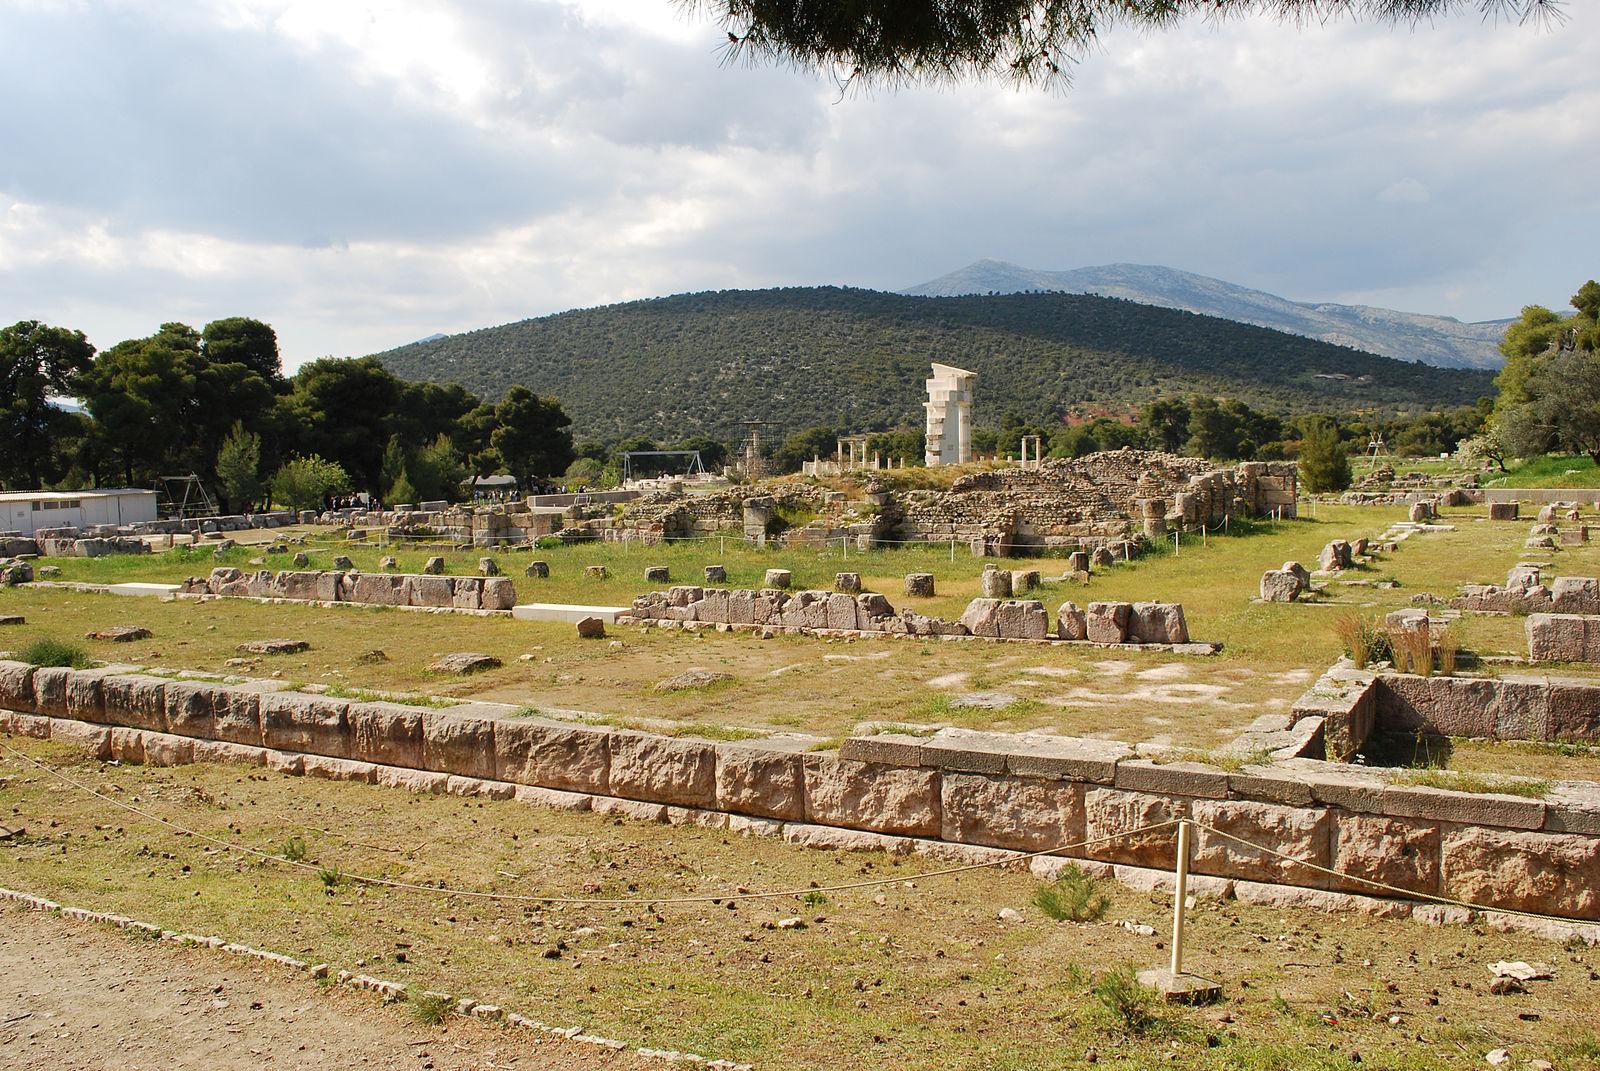 Epidaurus, Greece - Off-season 26 days tour Greece UNESCO sites from Igoumenitsa. Ancient towns, monasteries, castles. Private tour from Monterrasol Travel in minivan.